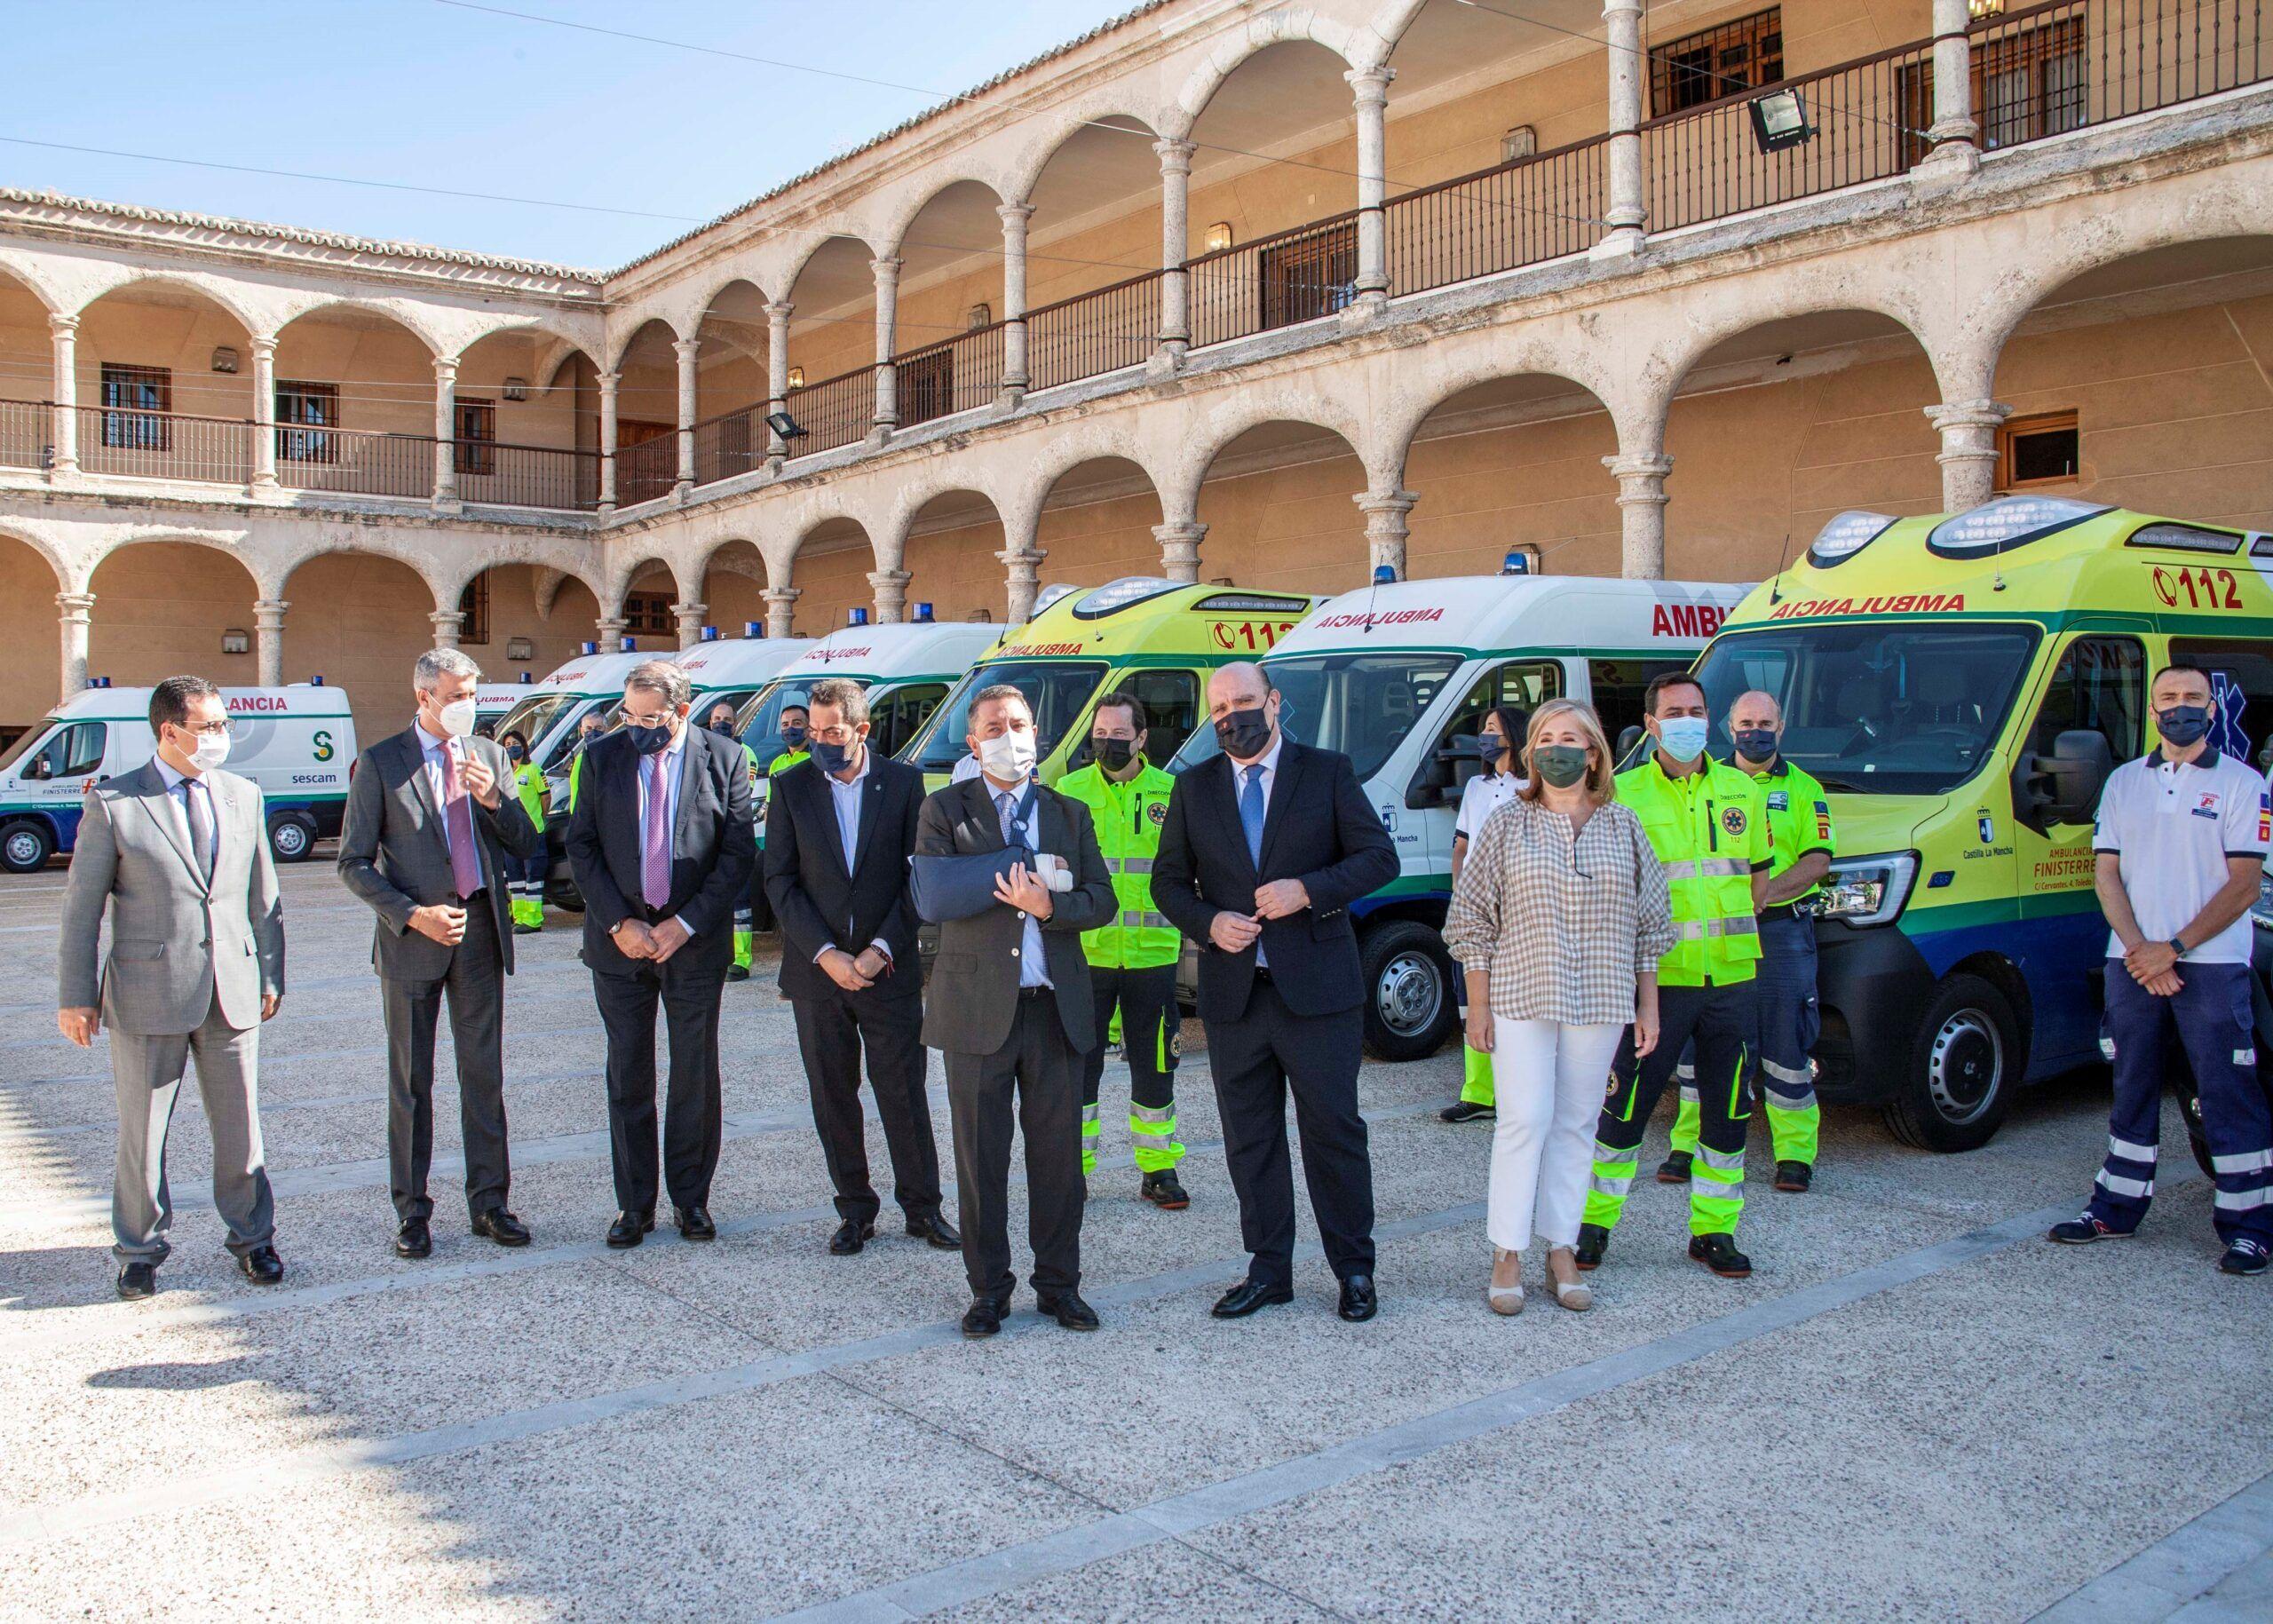 Ambulancias Finisterre continúa con el proceso de renovación de su parque móvil con la incorporación de 13 nuevas ambulancias